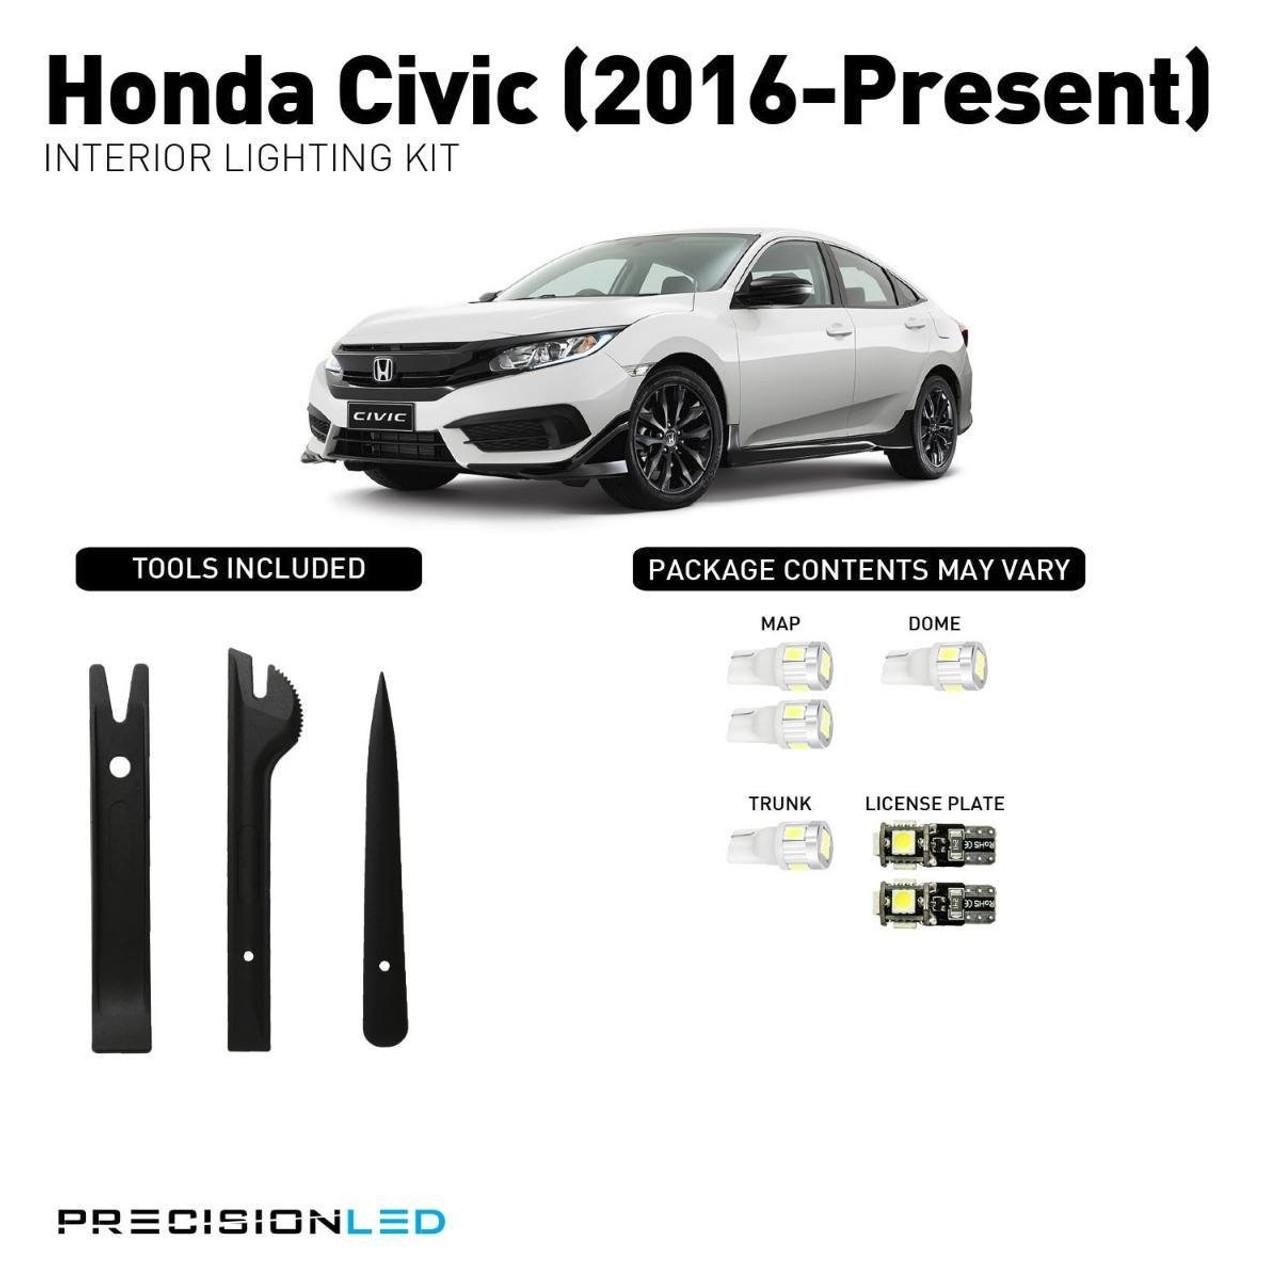 Honda Civic Premium LED Interior Package (2016-Present)